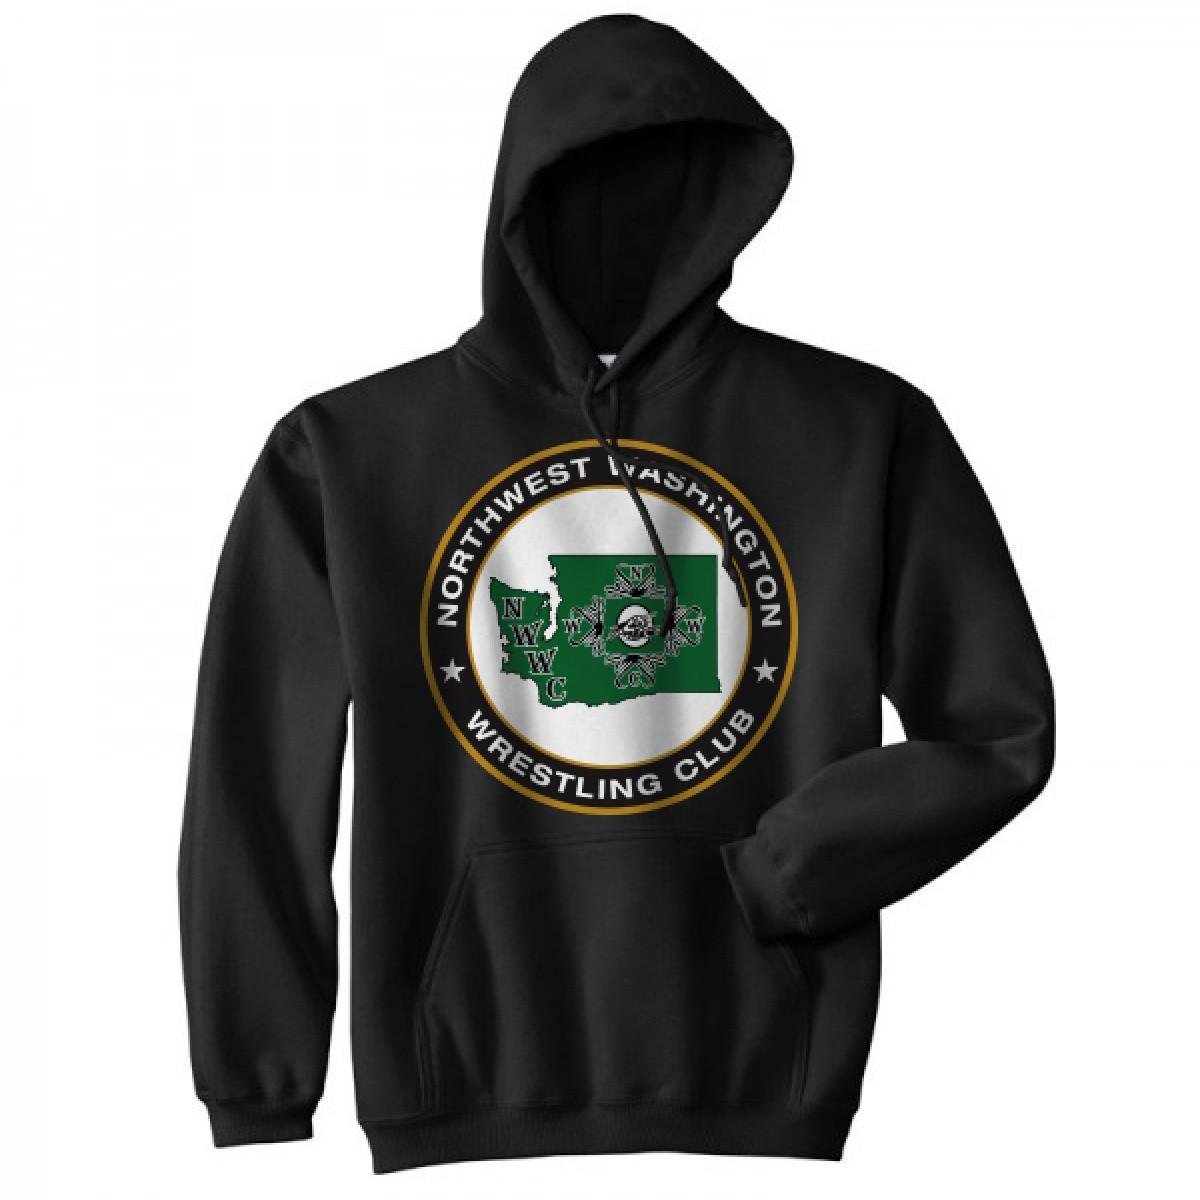 NWWC Black Hoodie With Green Logo-Black-YL